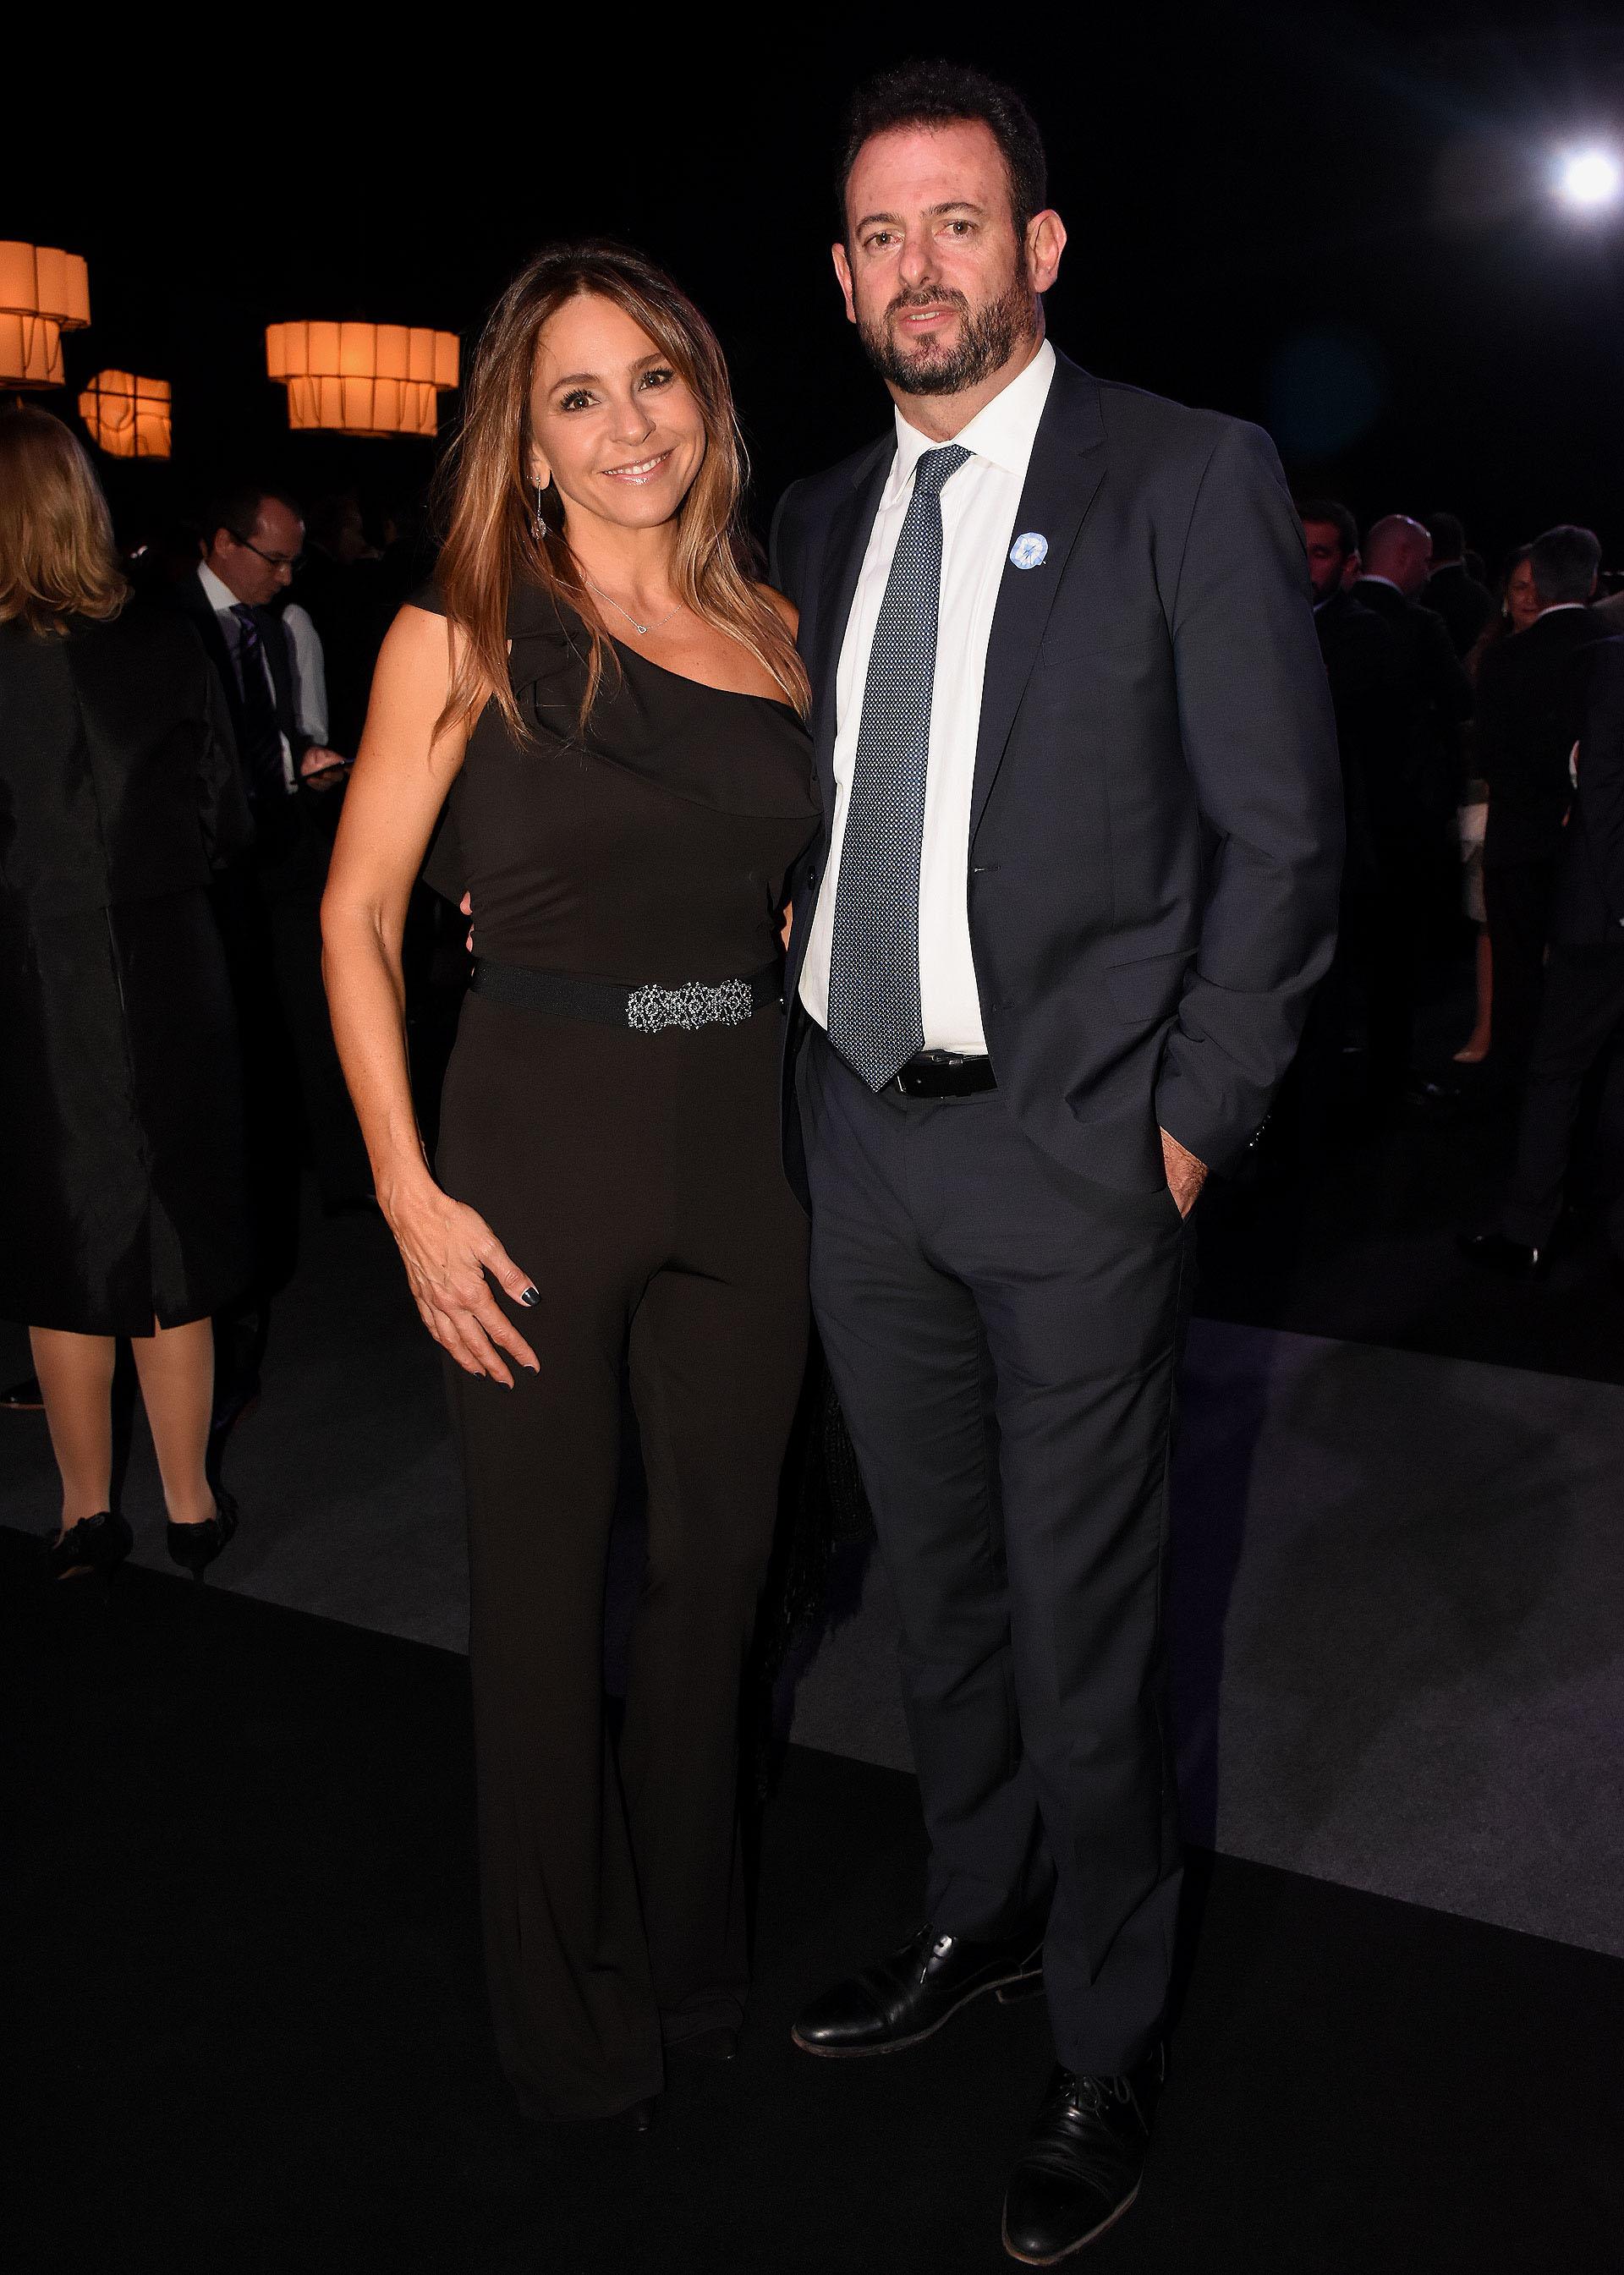 El dirigente industrial, José Urtubey, y su mujer Soledad